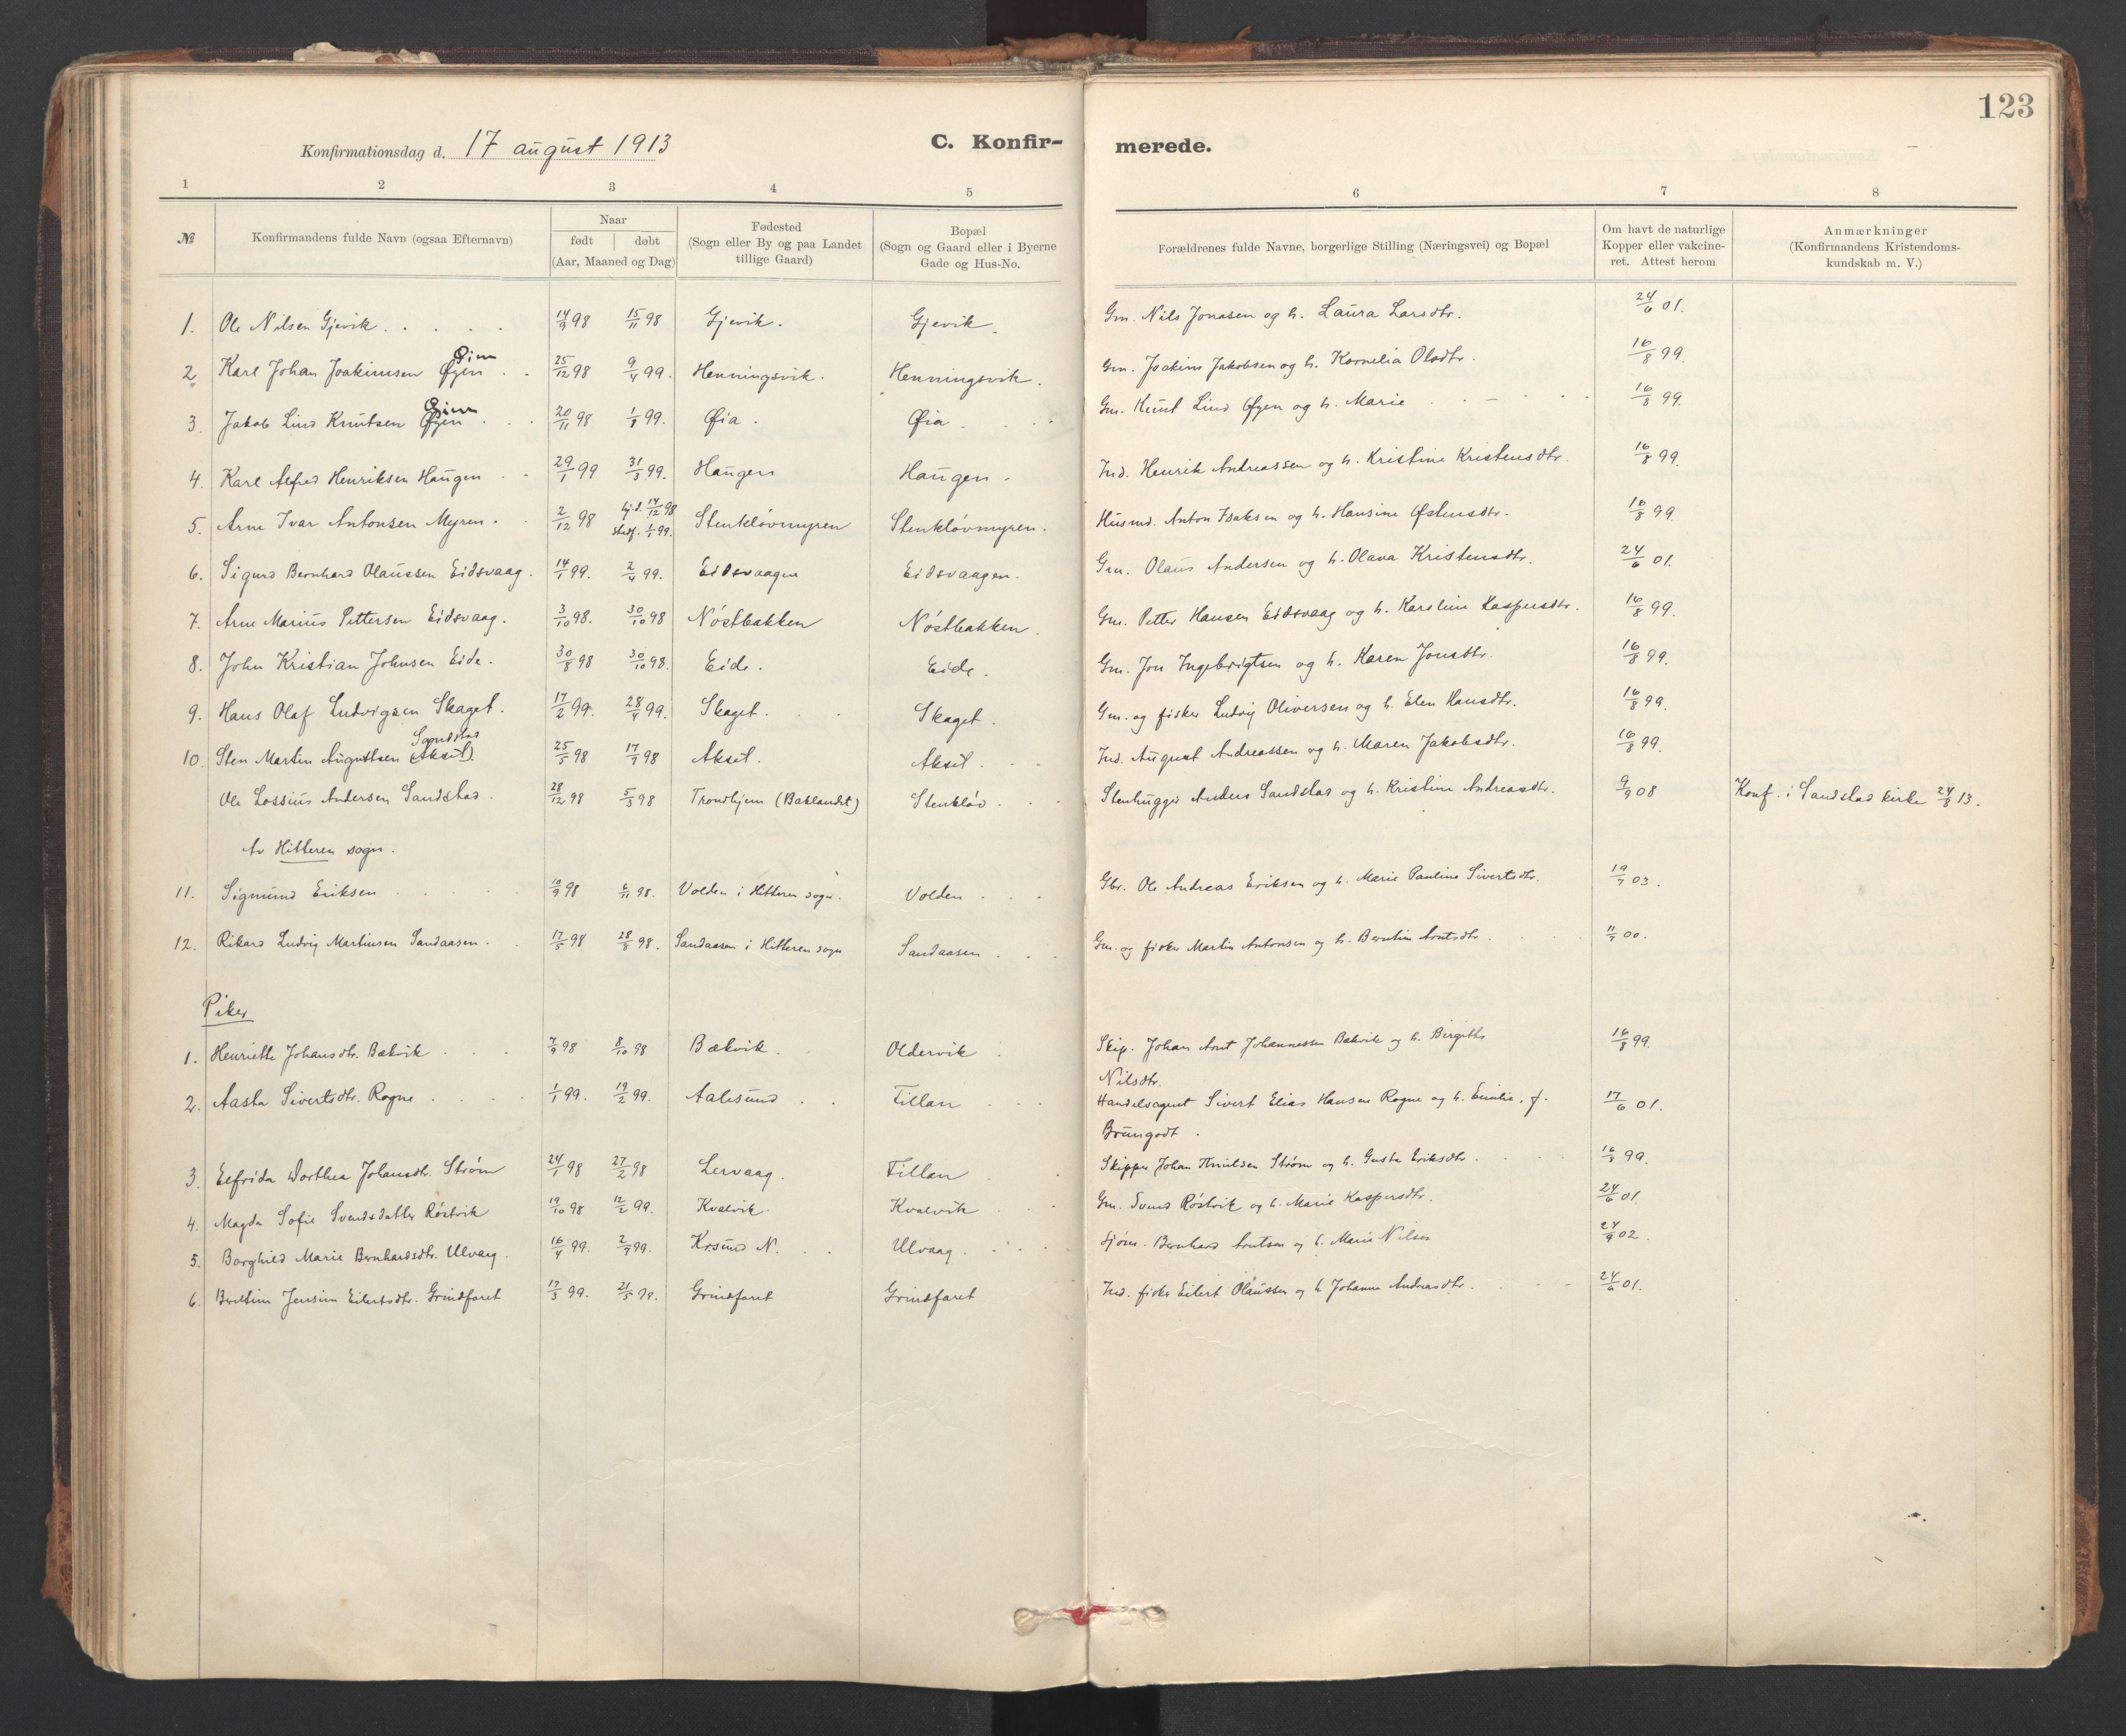 SAT, Ministerialprotokoller, klokkerbøker og fødselsregistre - Sør-Trøndelag, 637/L0559: Ministerialbok nr. 637A02, 1899-1923, s. 123